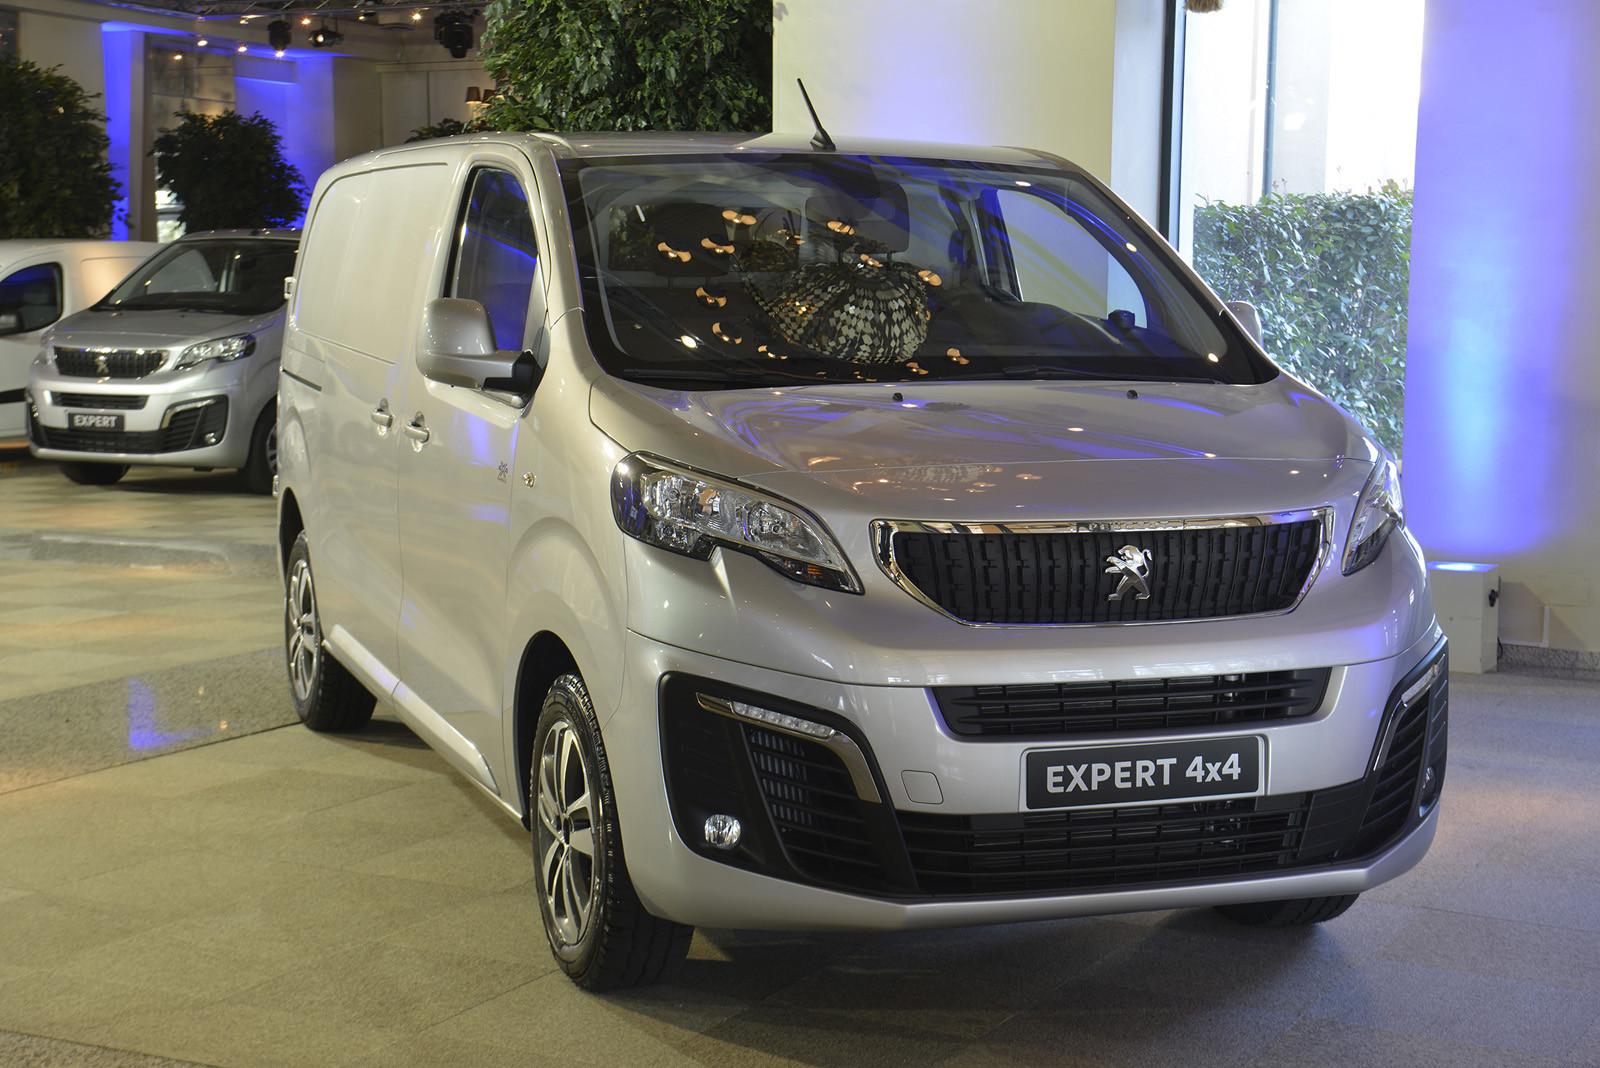 Foto de Peugeot gama comerciales y transformados (12/42)